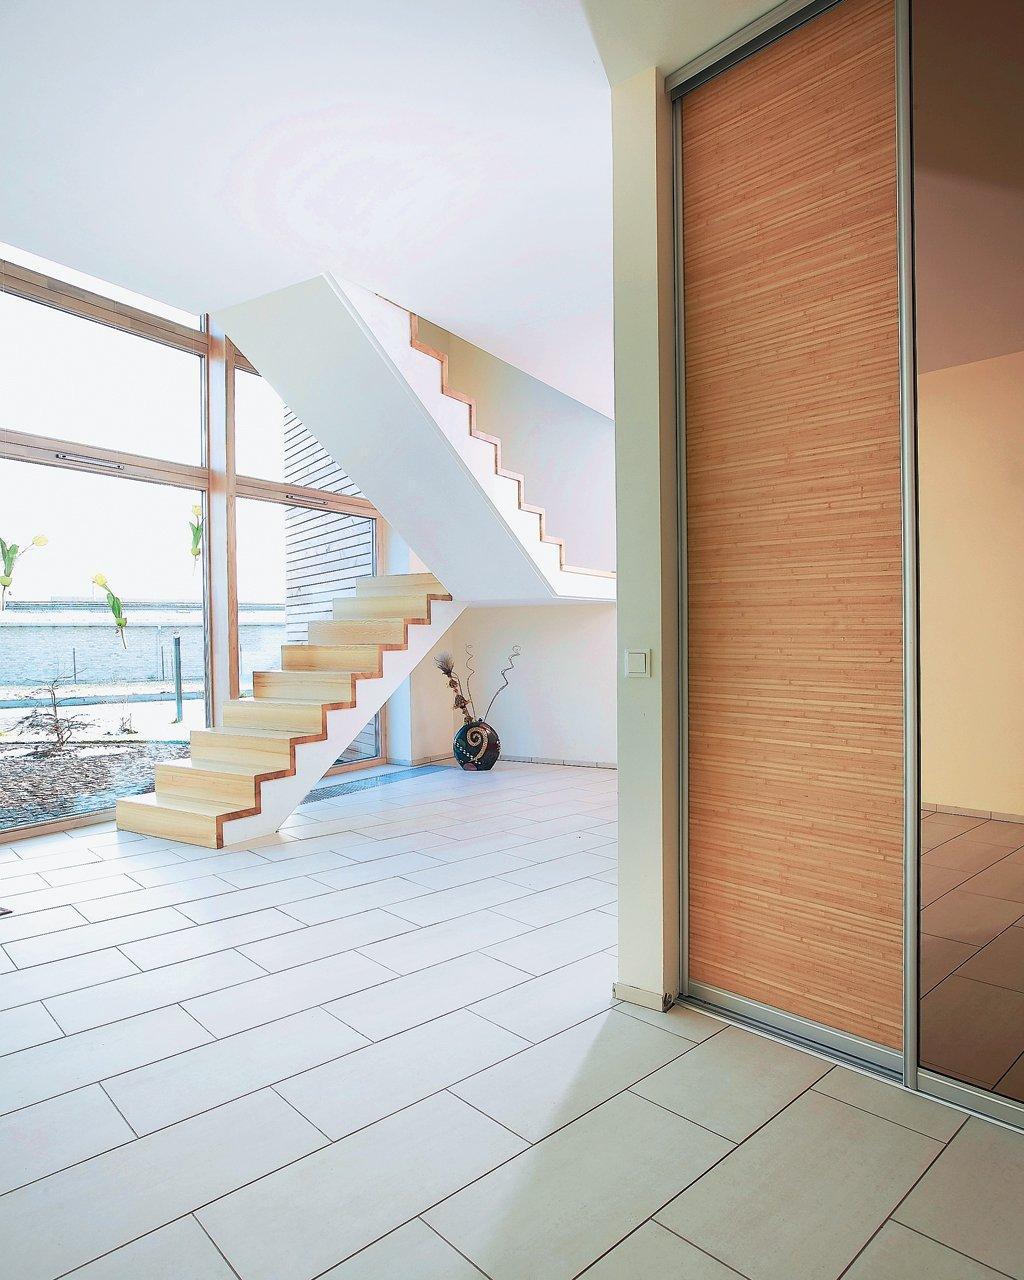 成都别墅楼梯装修效果图 40张漂亮的室内装修设计图片欣赏